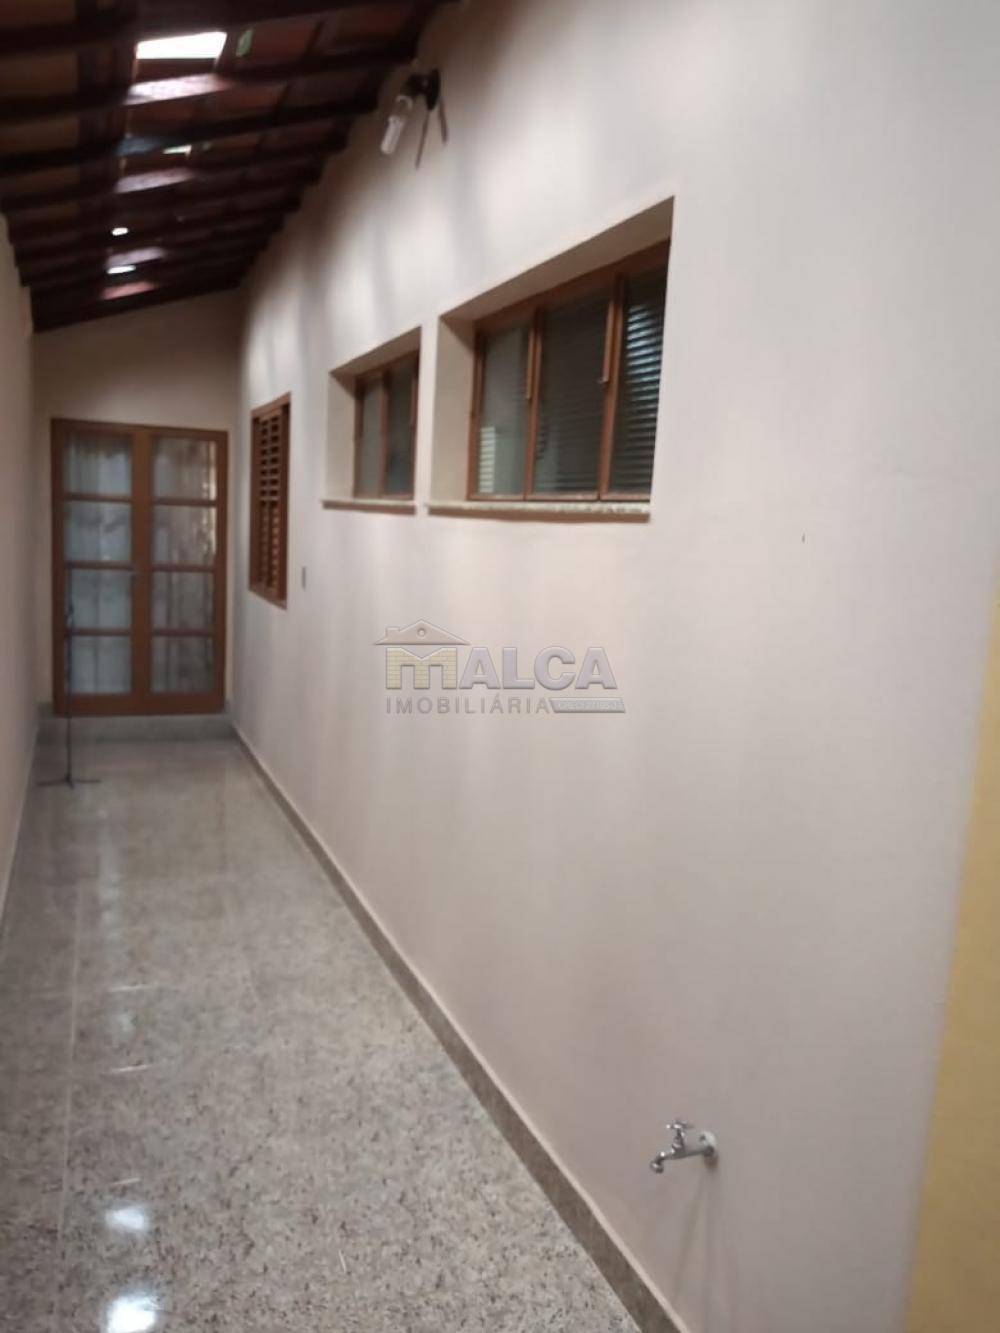 Alugar Casas / Padrão em São José do Rio Pardo apenas R$ 1.650,00 - Foto 16